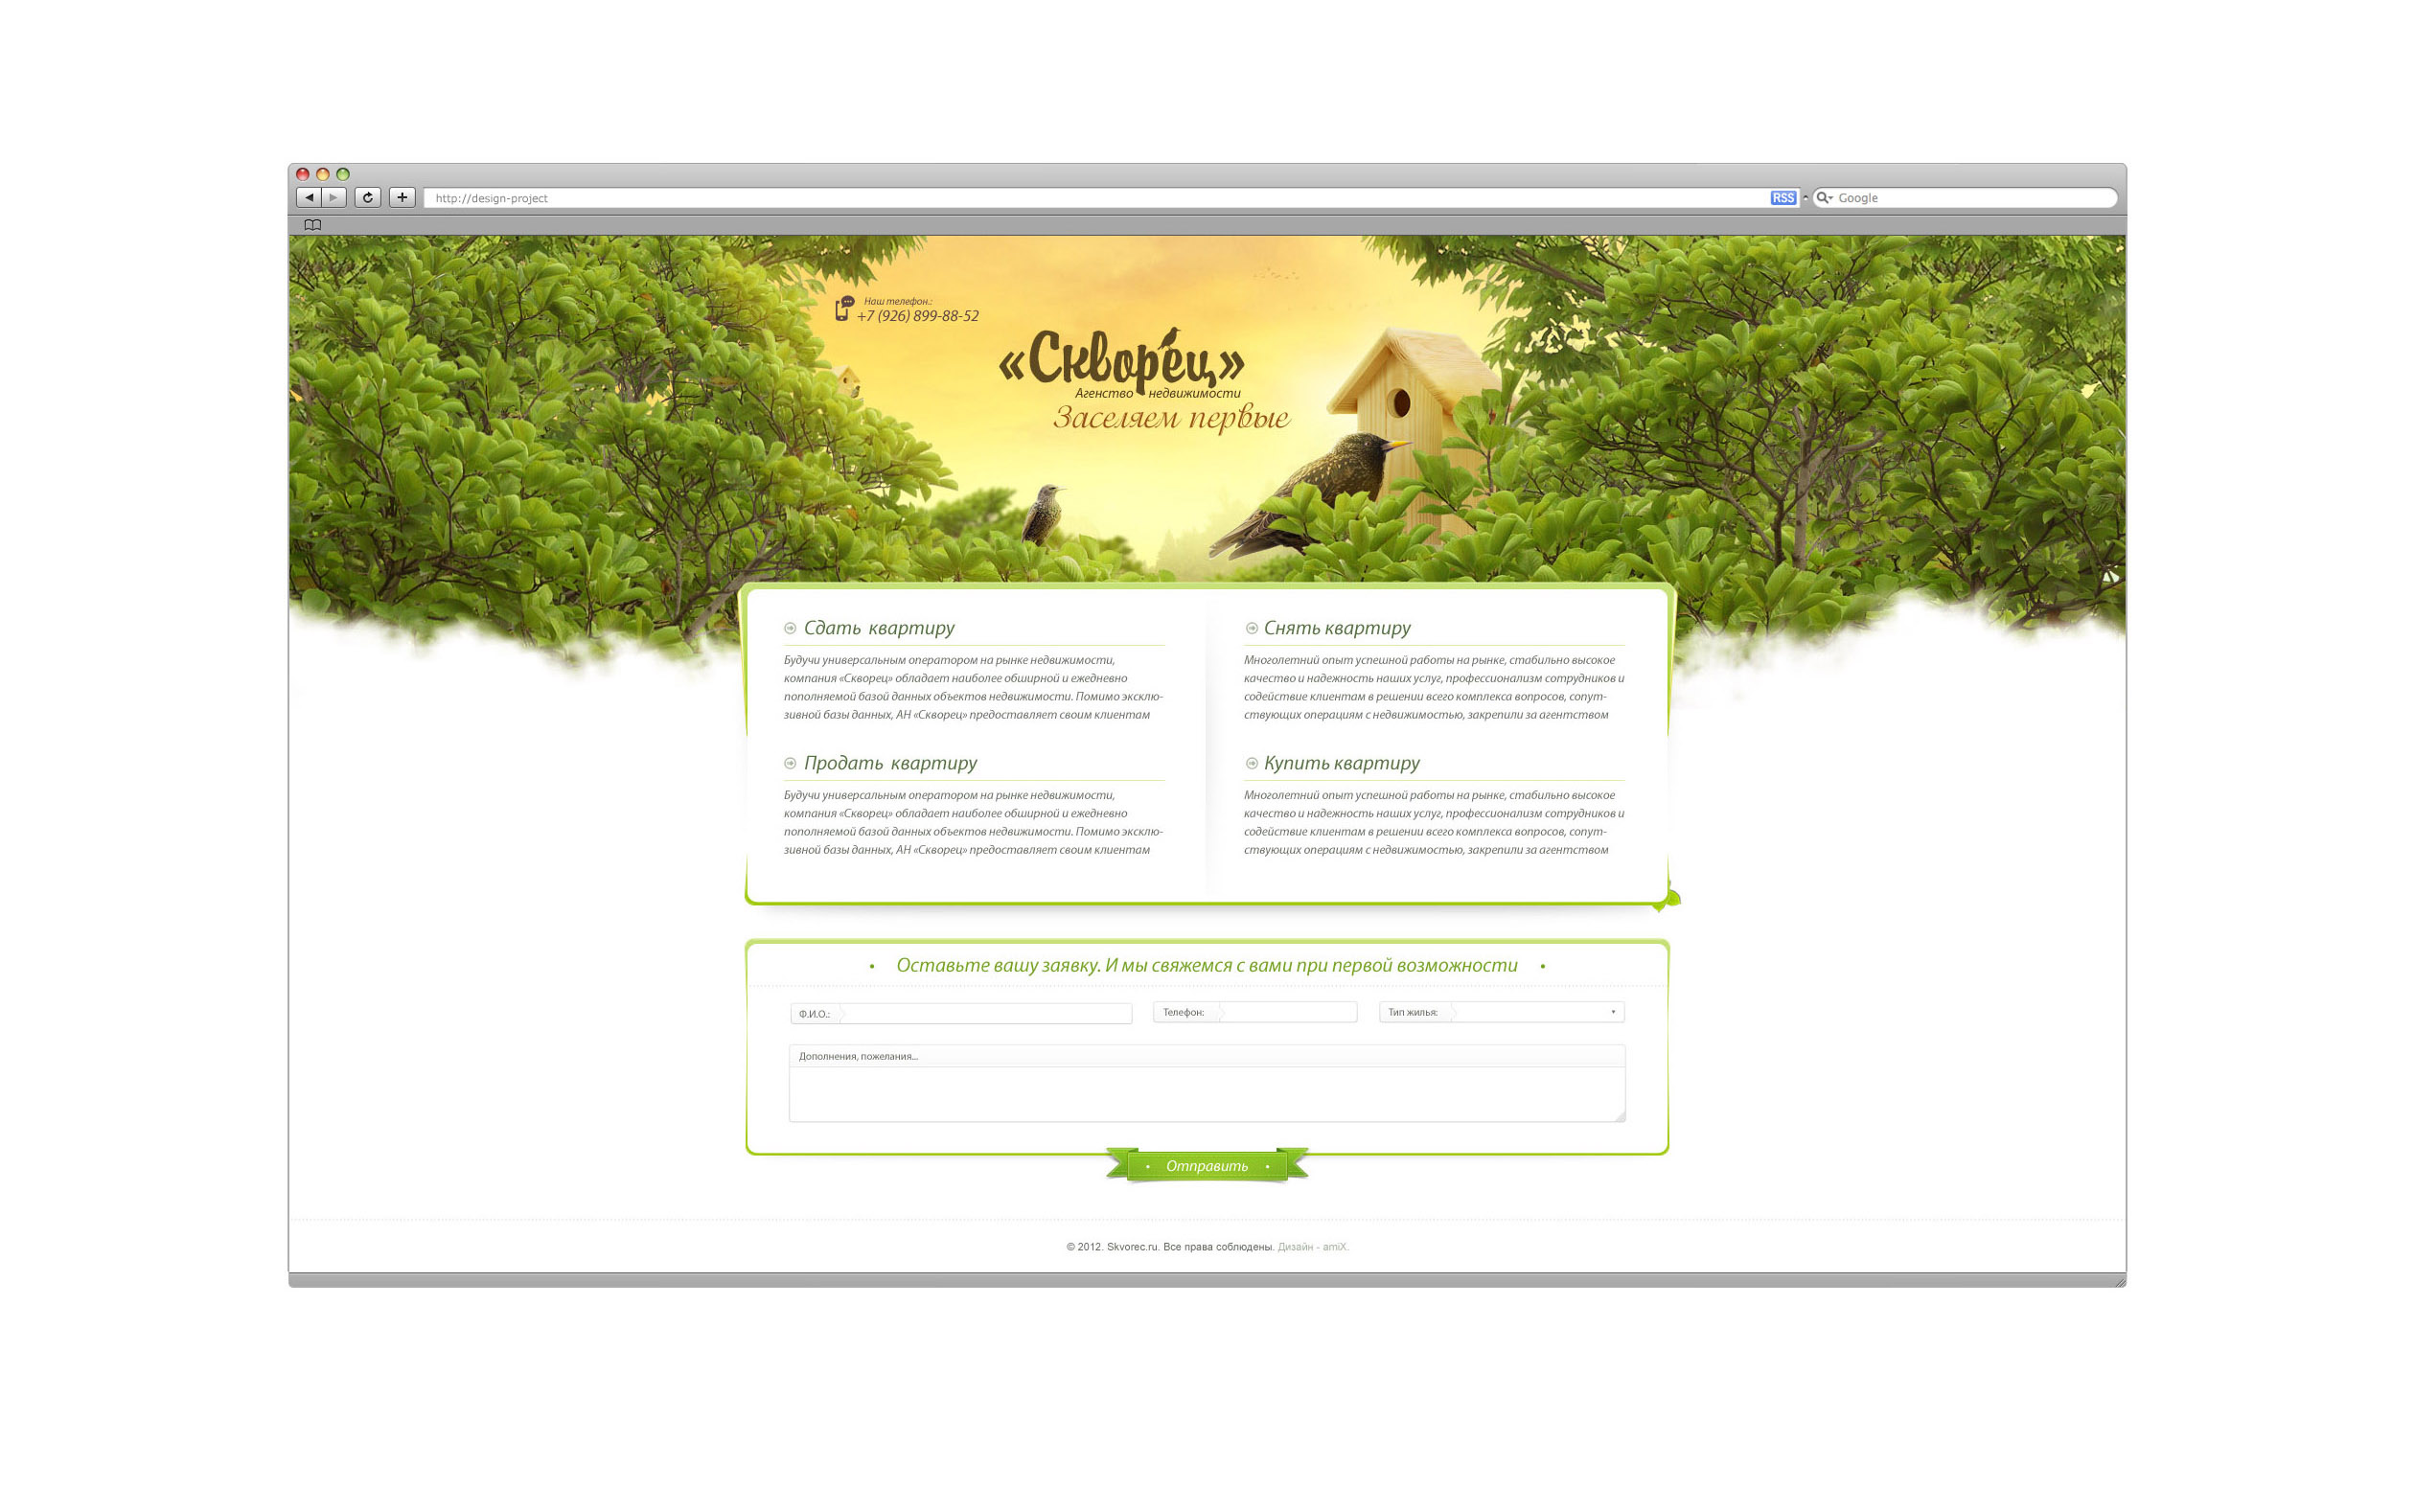 Дизайн главной страницы сайта фото f_50360e9ddb840.jpg